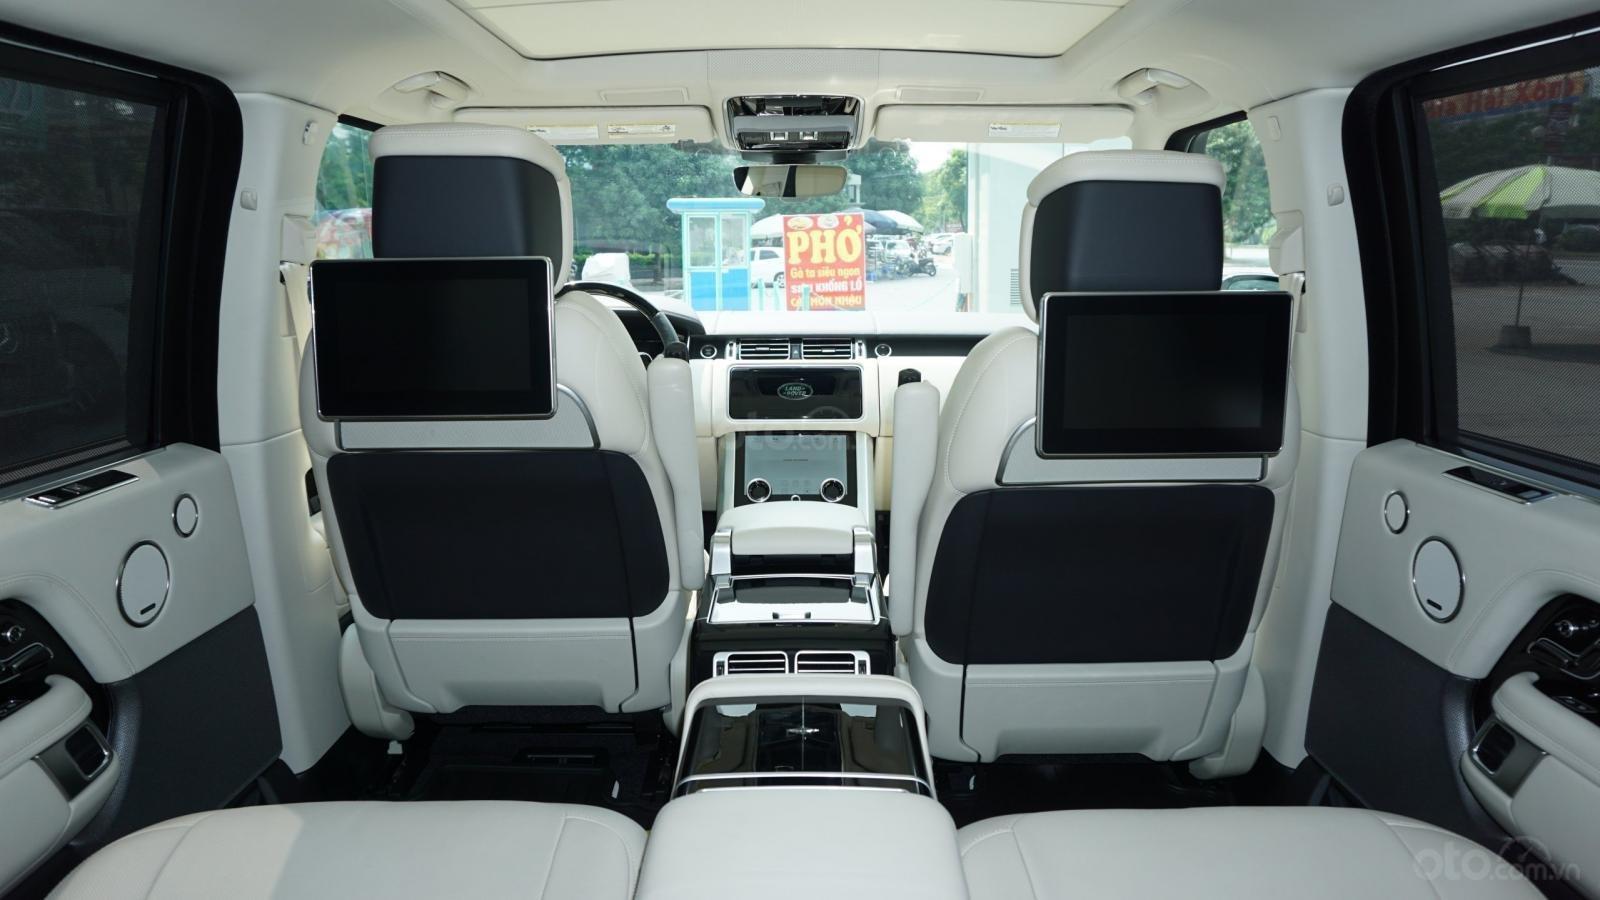 Range Rover Autobiography LWB 2020, Hồ Chí Minh, giá tốt giao xe ngay toàn quốc, LH trực tiếp 0844.177.222 (5)